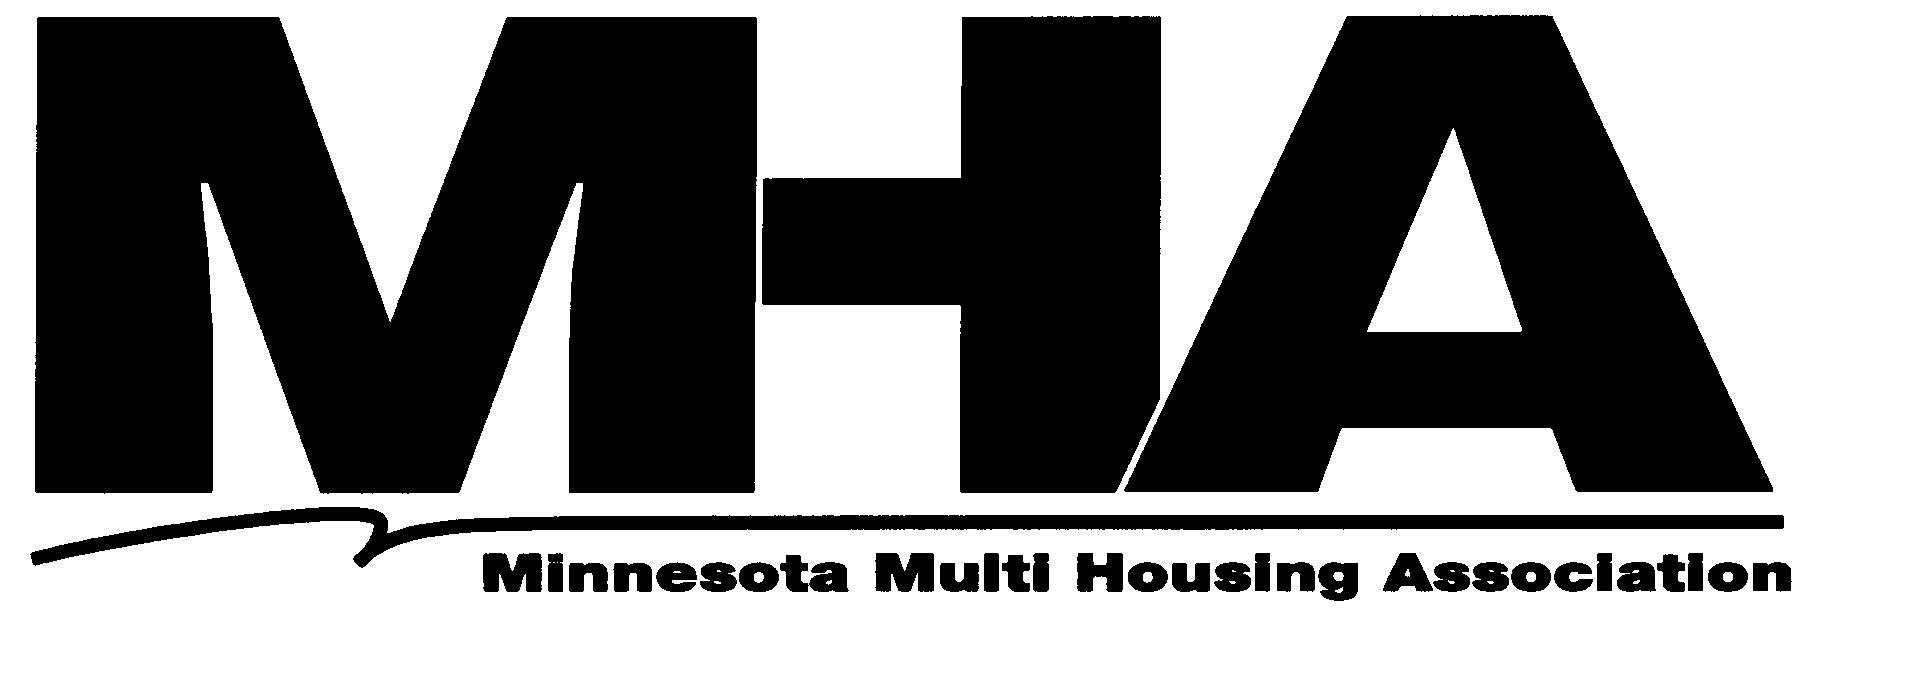 MHA logo MN Services Minnetonka, MN